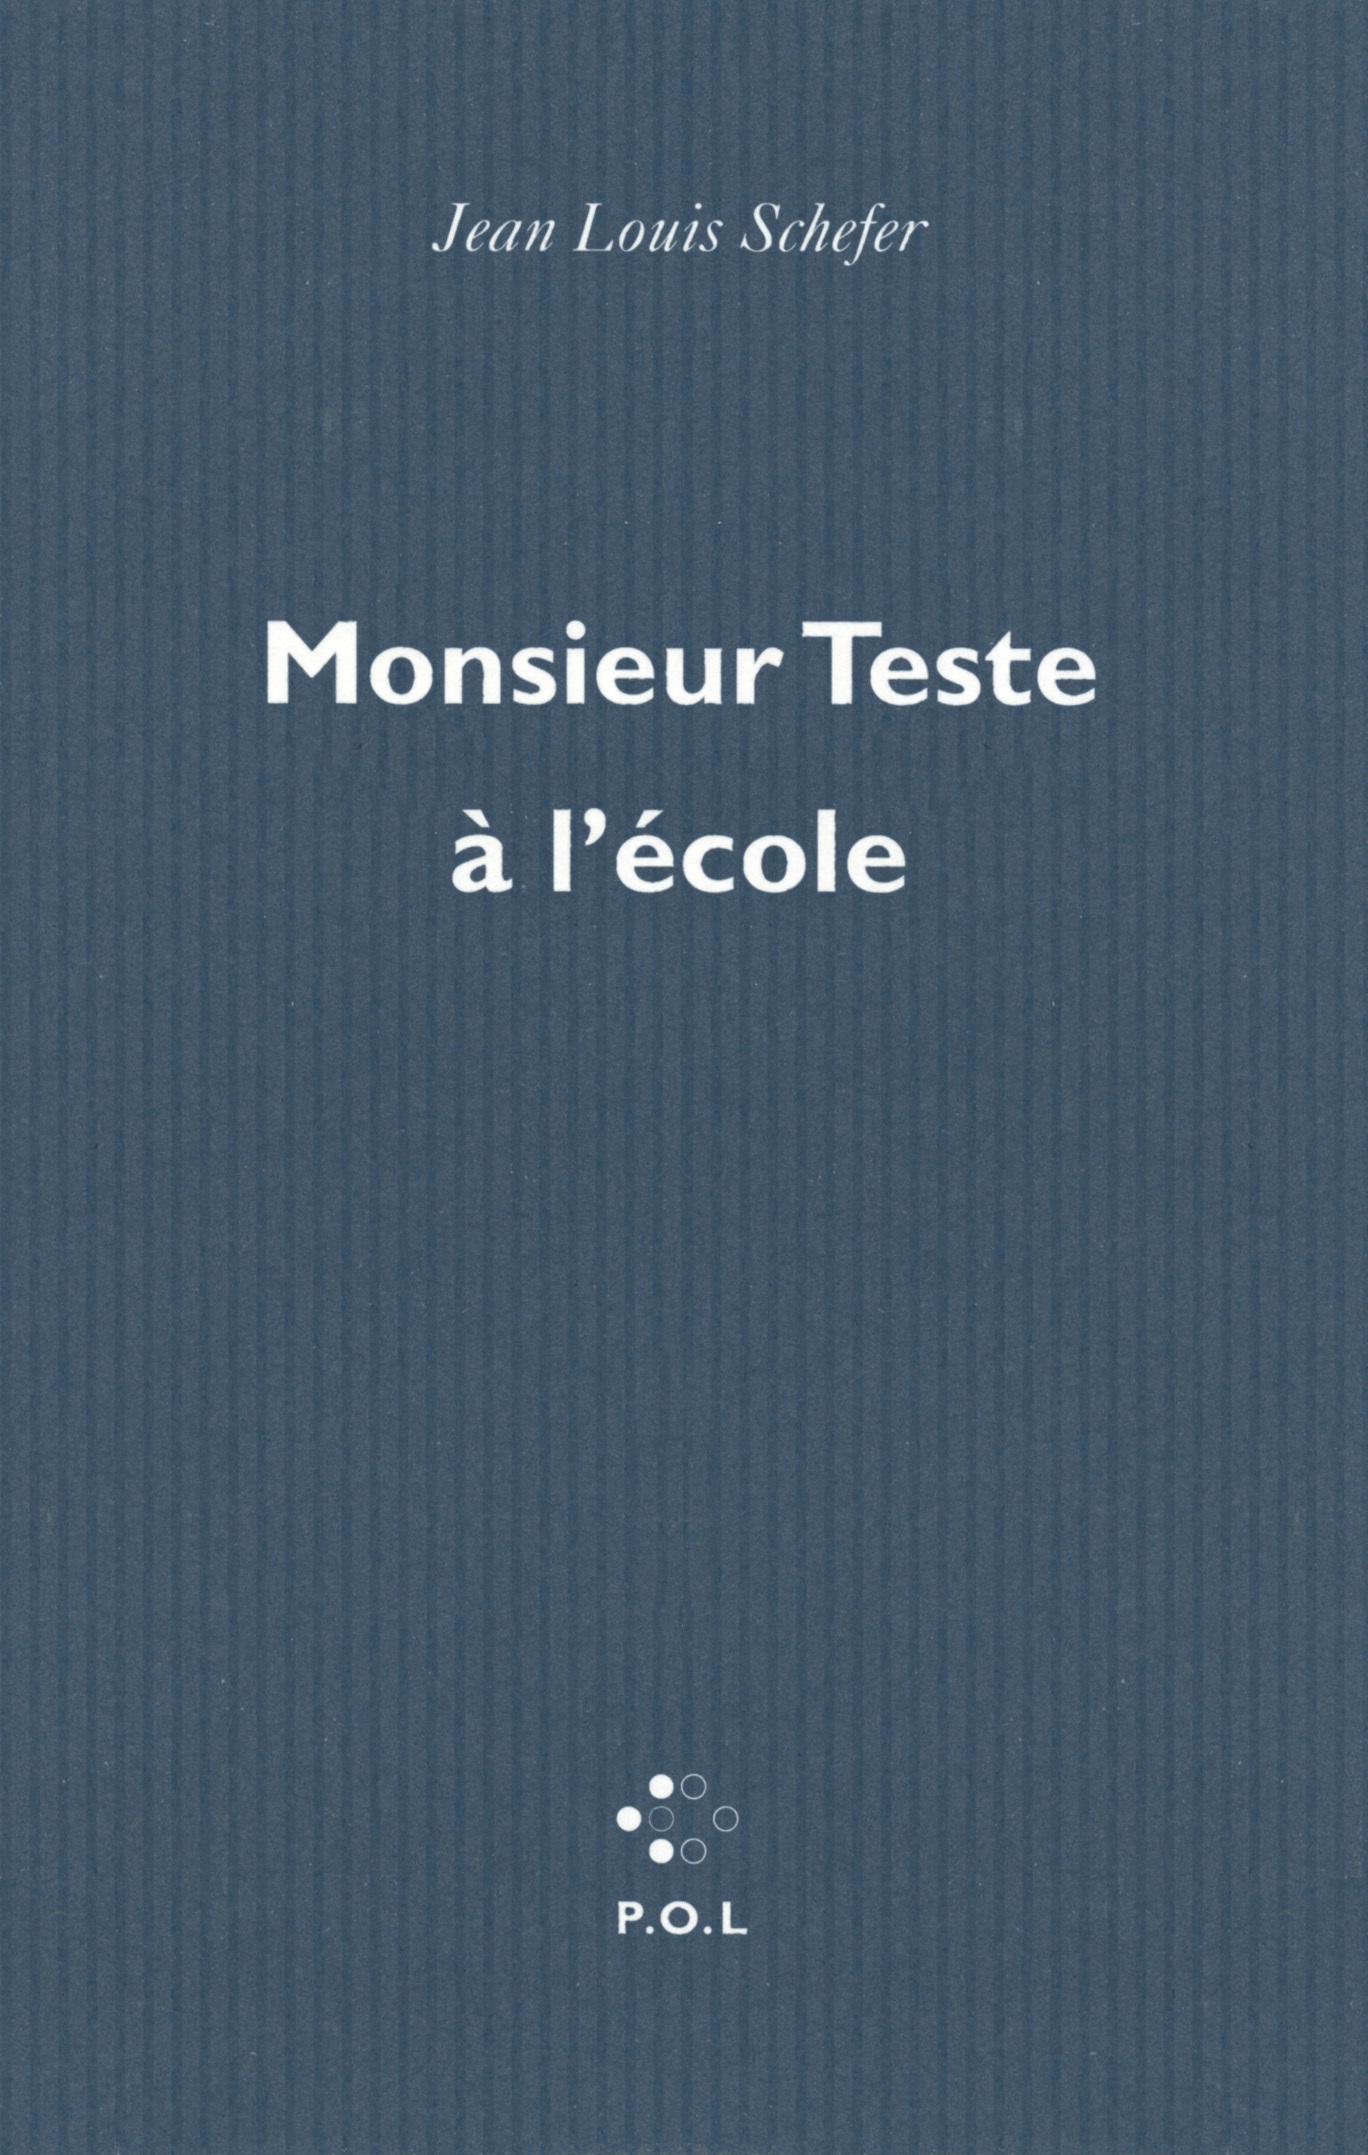 MONSIEUR TESTE A L'ECOLE